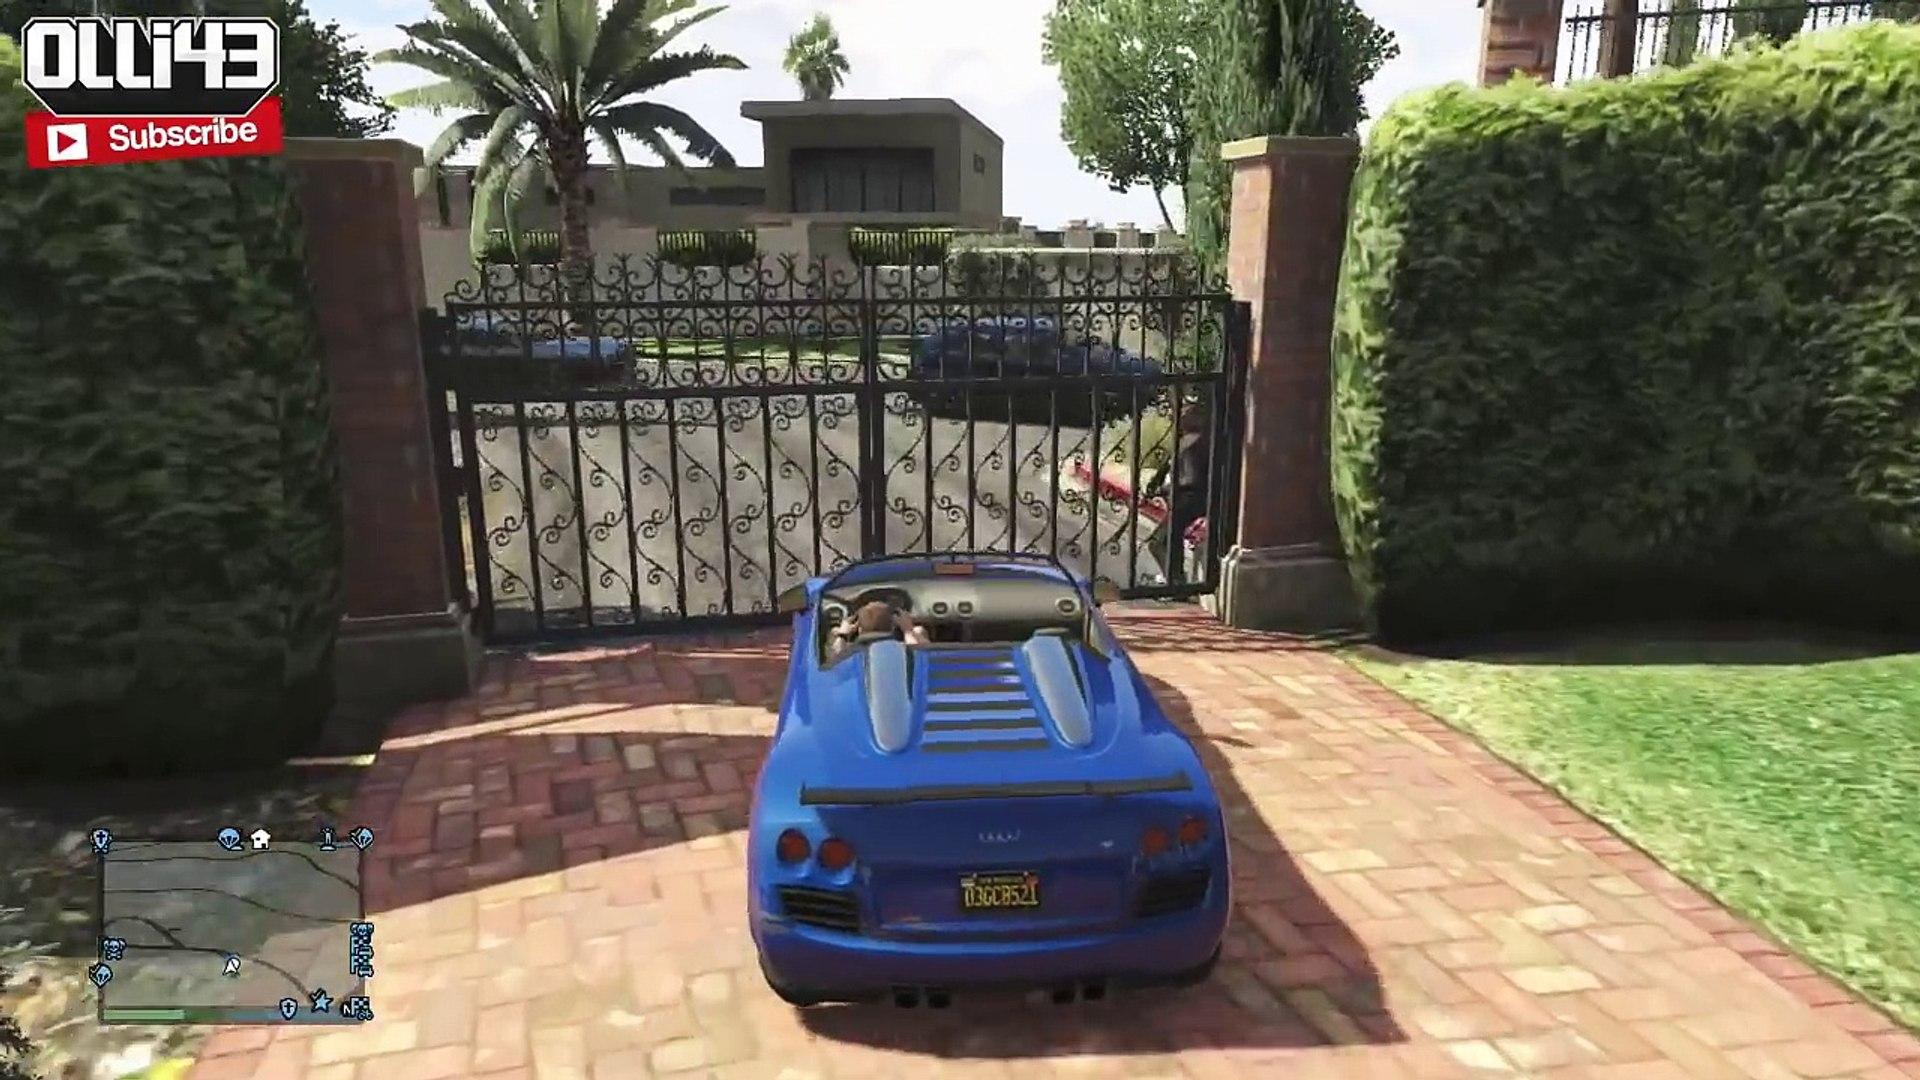 How to: Gate Glitch! (GTA 5 Online Glitch Guide)